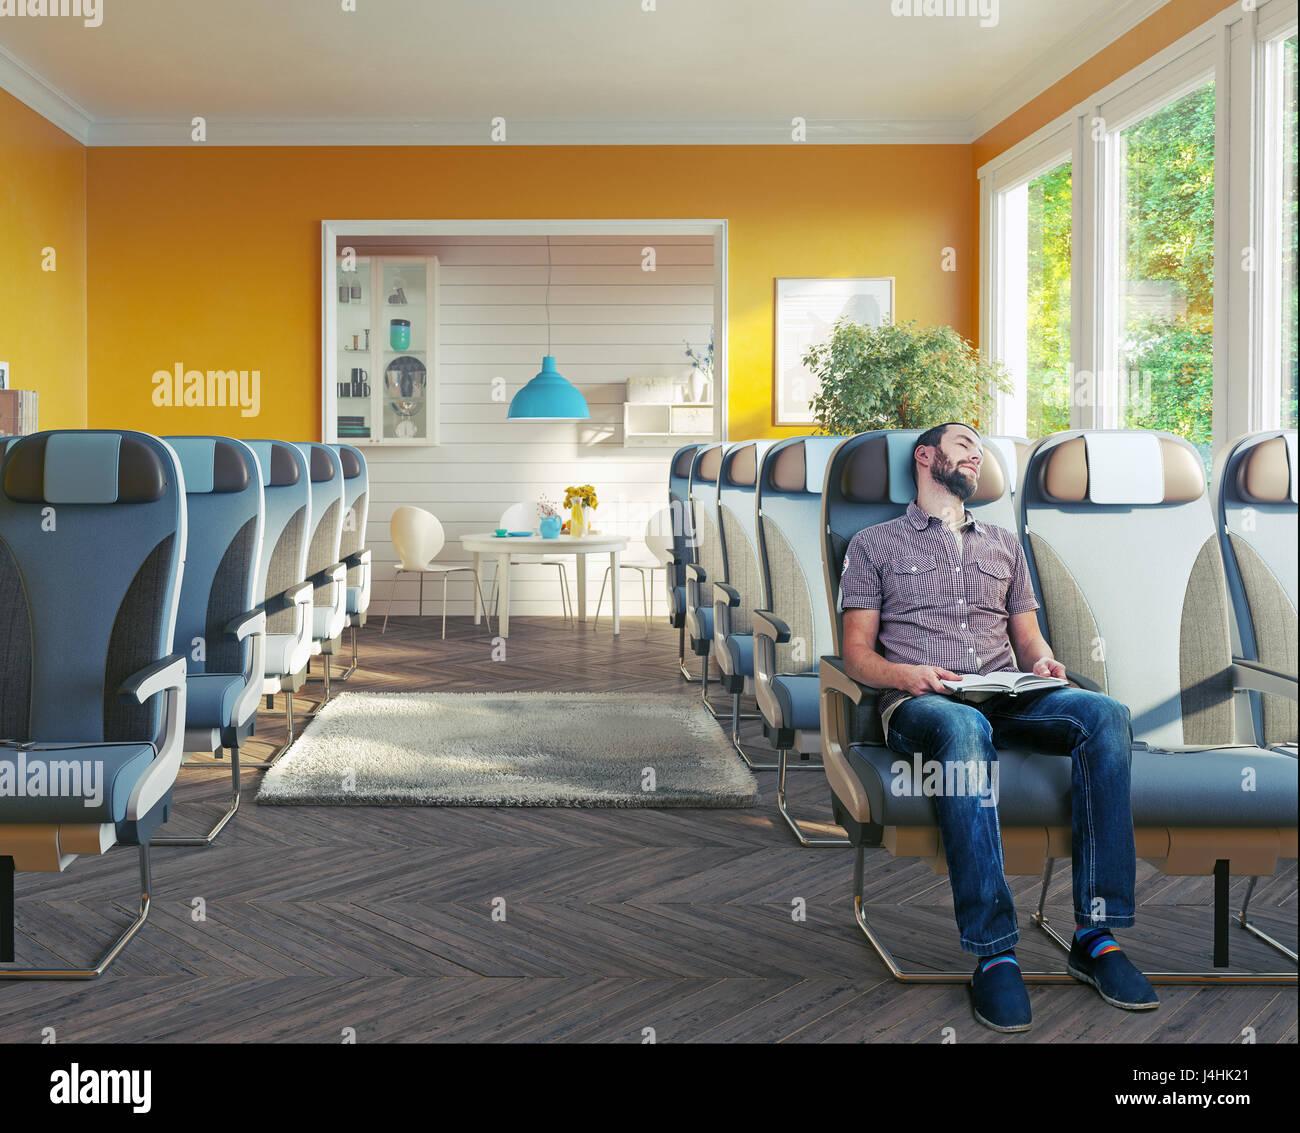 Un avion classe affaires des sièges dans la salle. Transport de VIP concept. Combinaison de photo Photo Stock